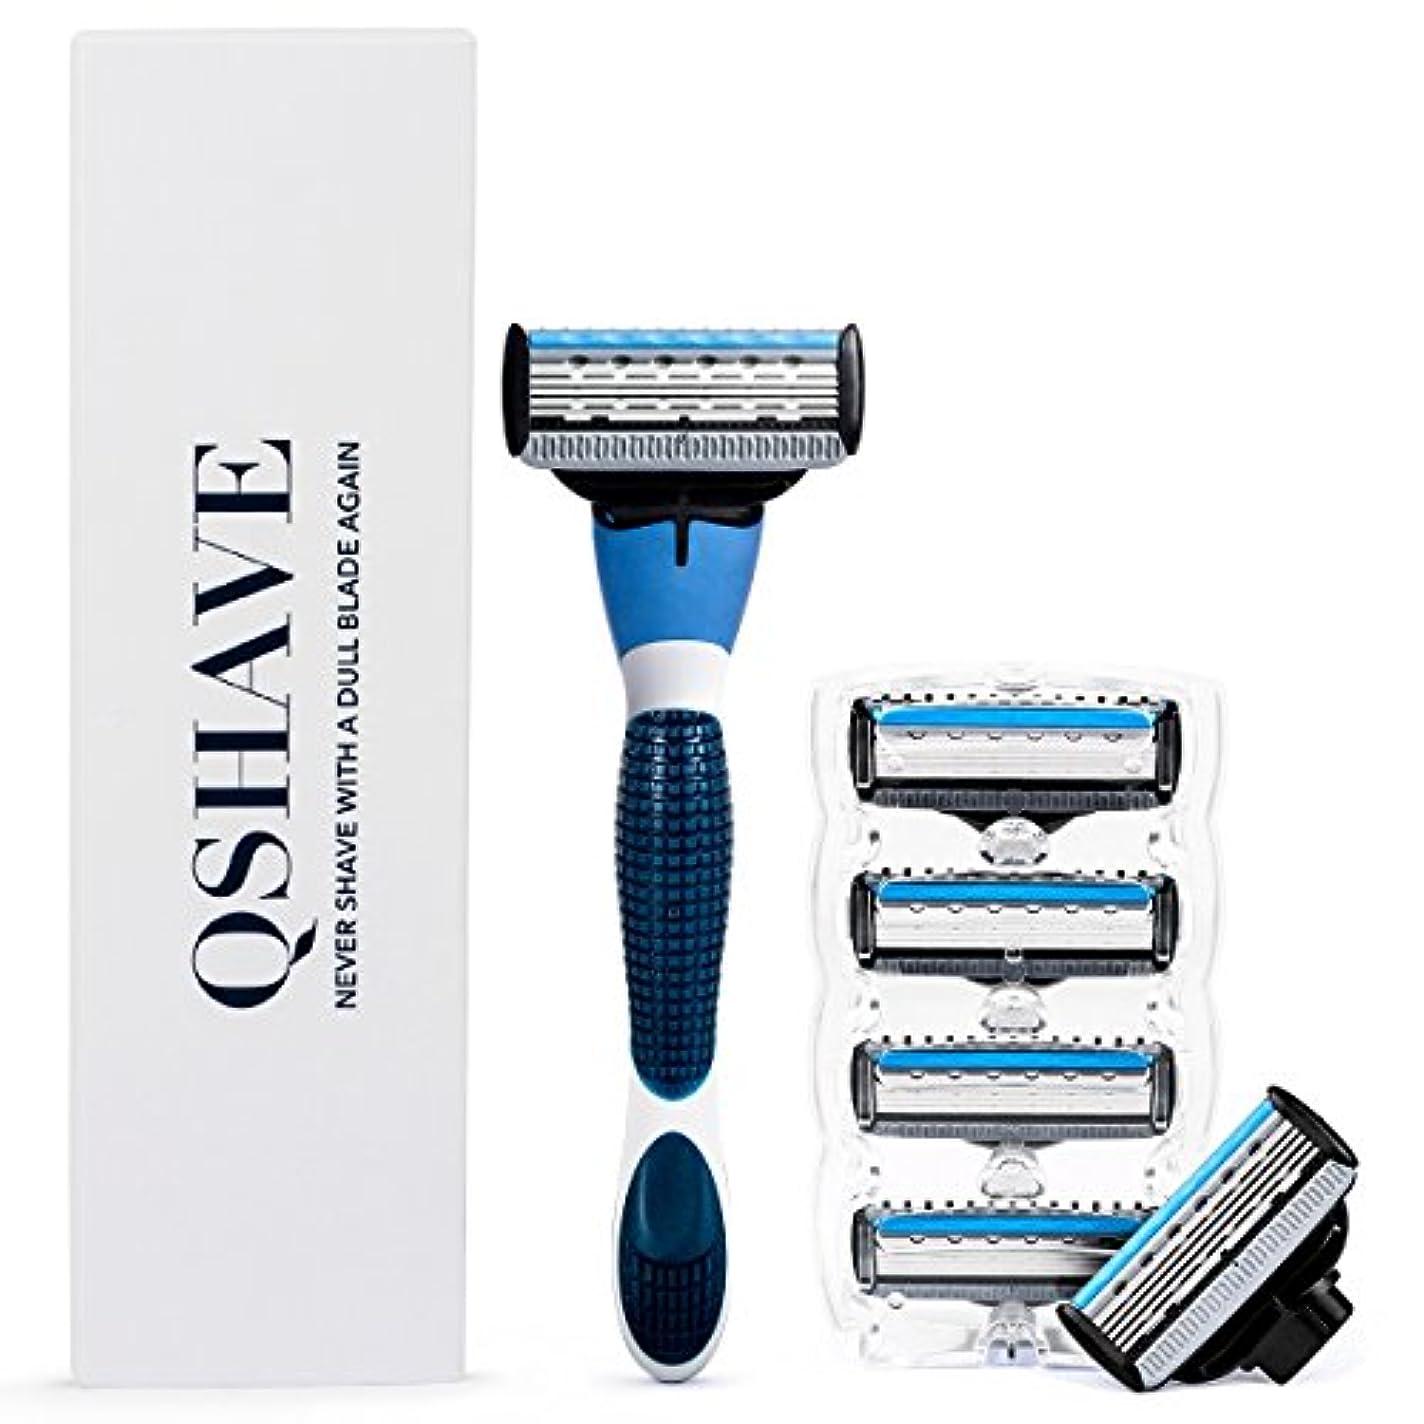 精緻化一族ハーフQSHAVEのブルーシリーズ、男性用マニュアルシェービングカミソリは替刃X5 (5枚刃) のカートリッジが。 (本体+替刃6コ付)